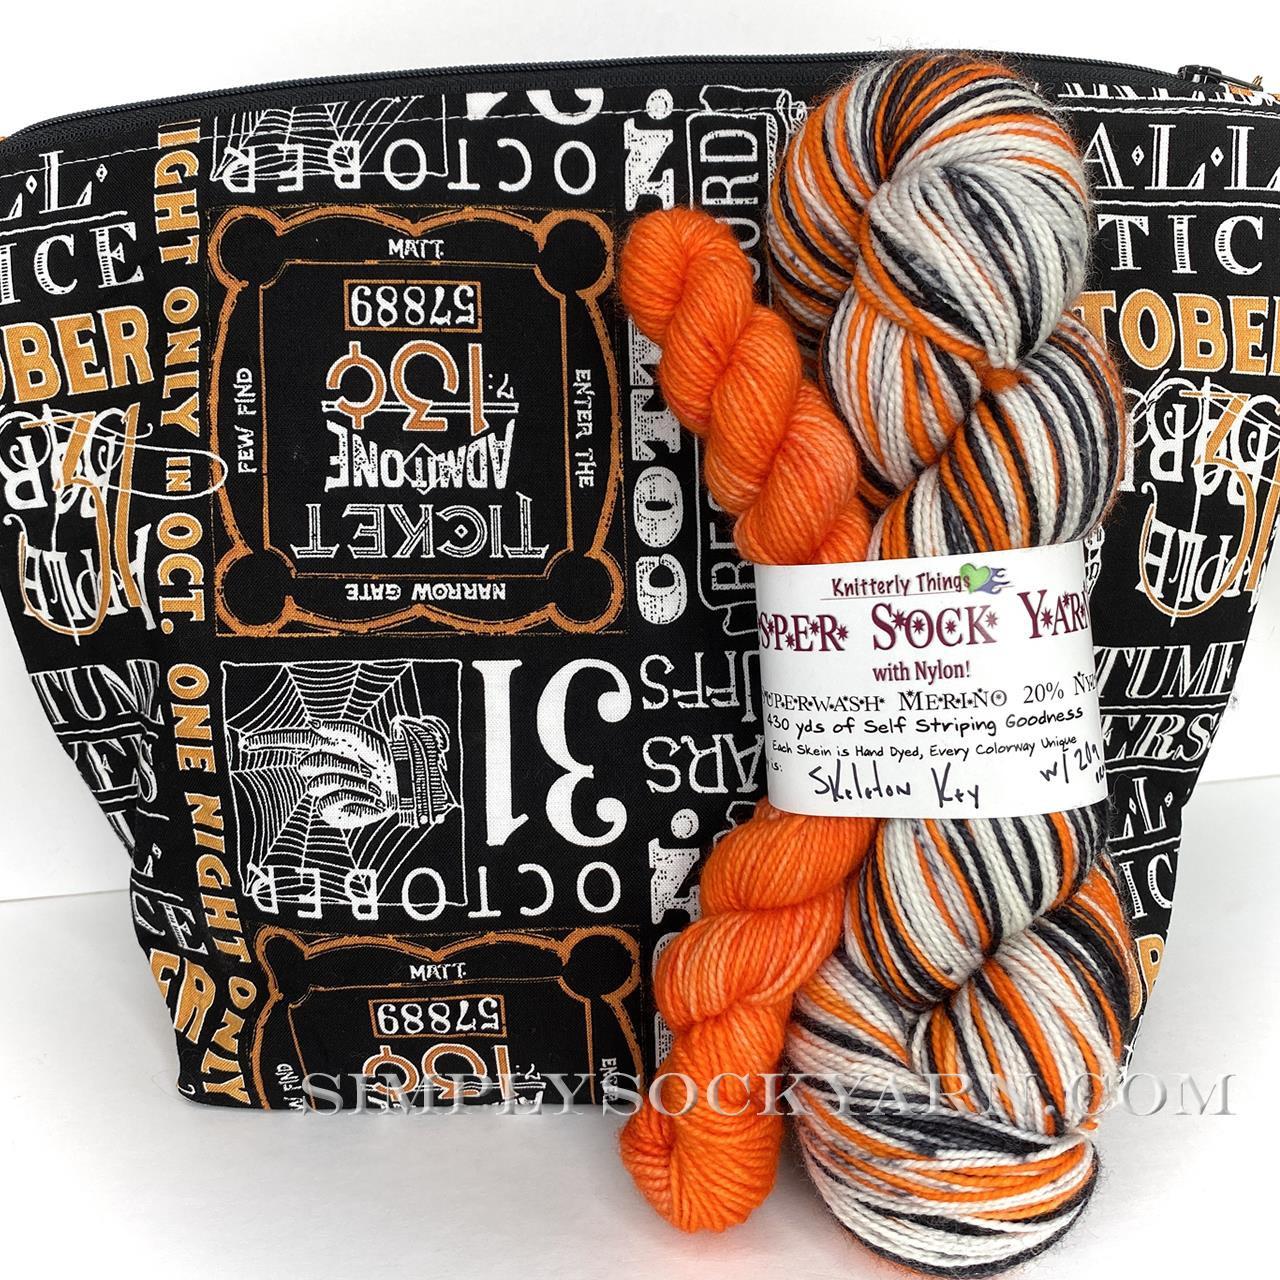 SSYC Skeleton Key Knit Kit -